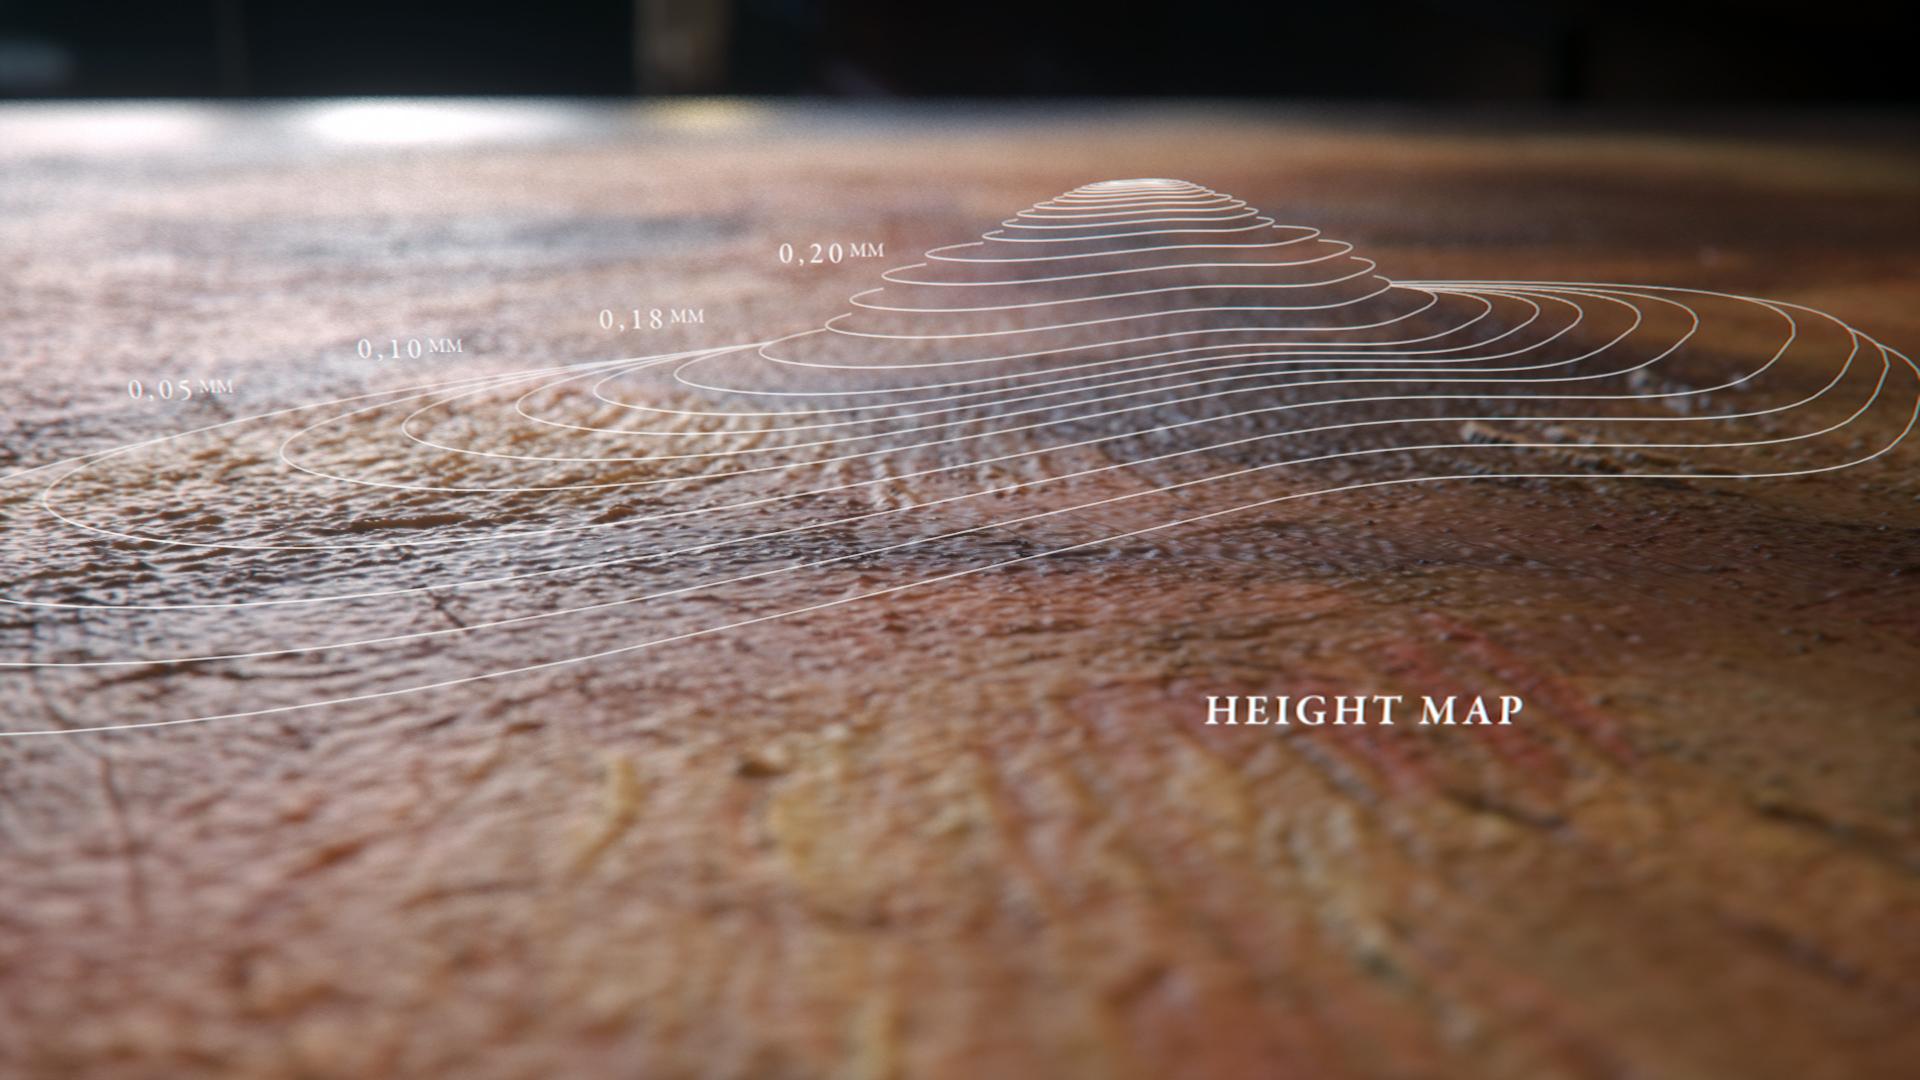 202095-8. Film_Height map-11d08c-original-1459772337